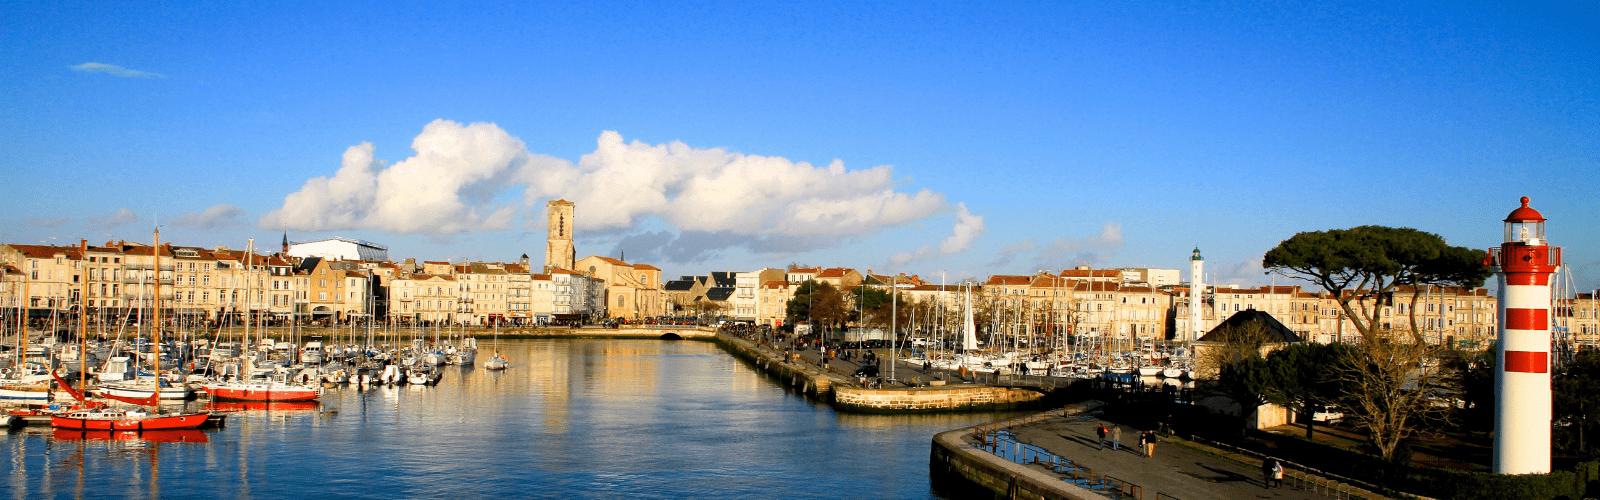 renaud@educamia.org38 - Inlingua La Rochelle